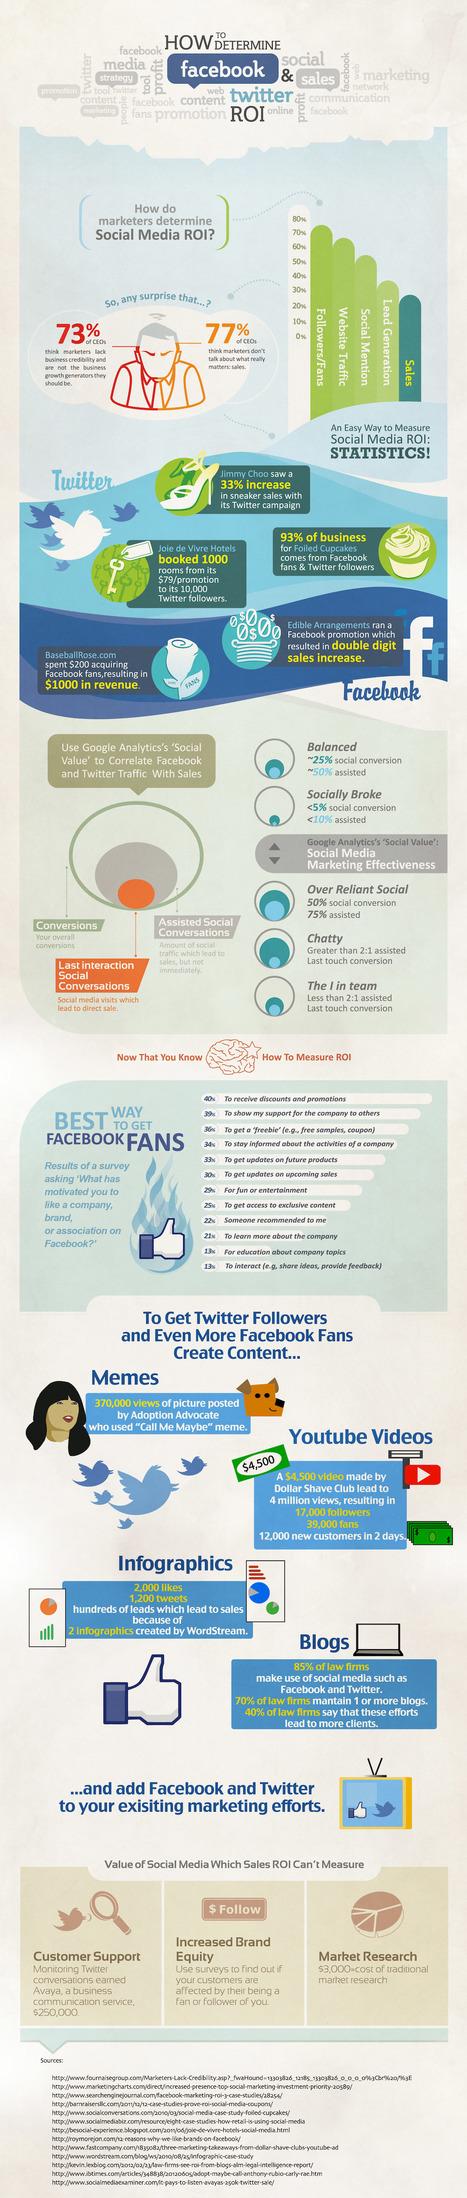 infographie-roi-facebook-twitter.jpeg (1000x4706 pixels)   Web marketing, comment optimiser ses campagnes et en mesurer les retours   Scoop.it